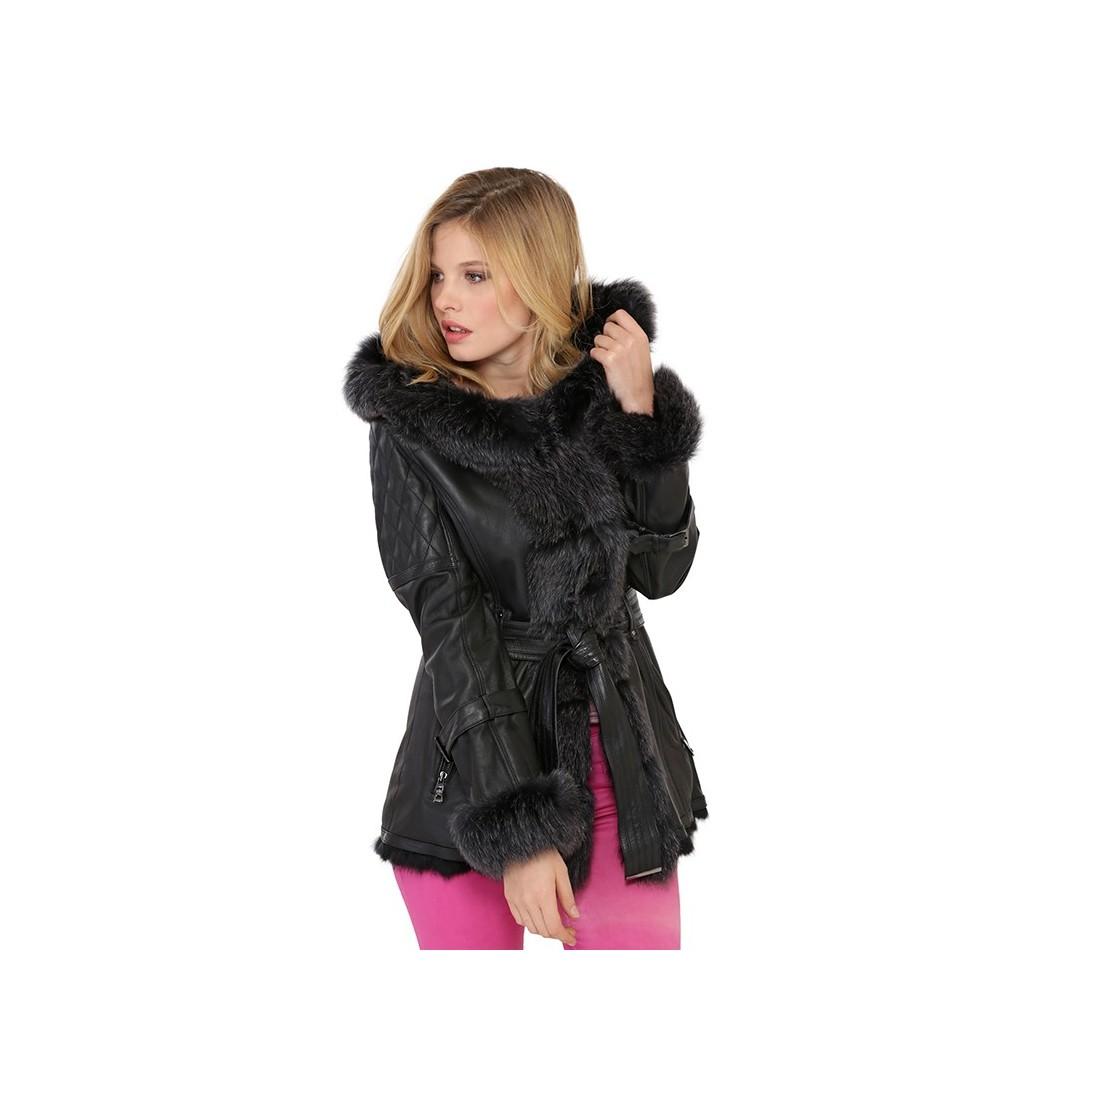 manteau giovanni adrianna en cuir et en fourrure de renard femme noir